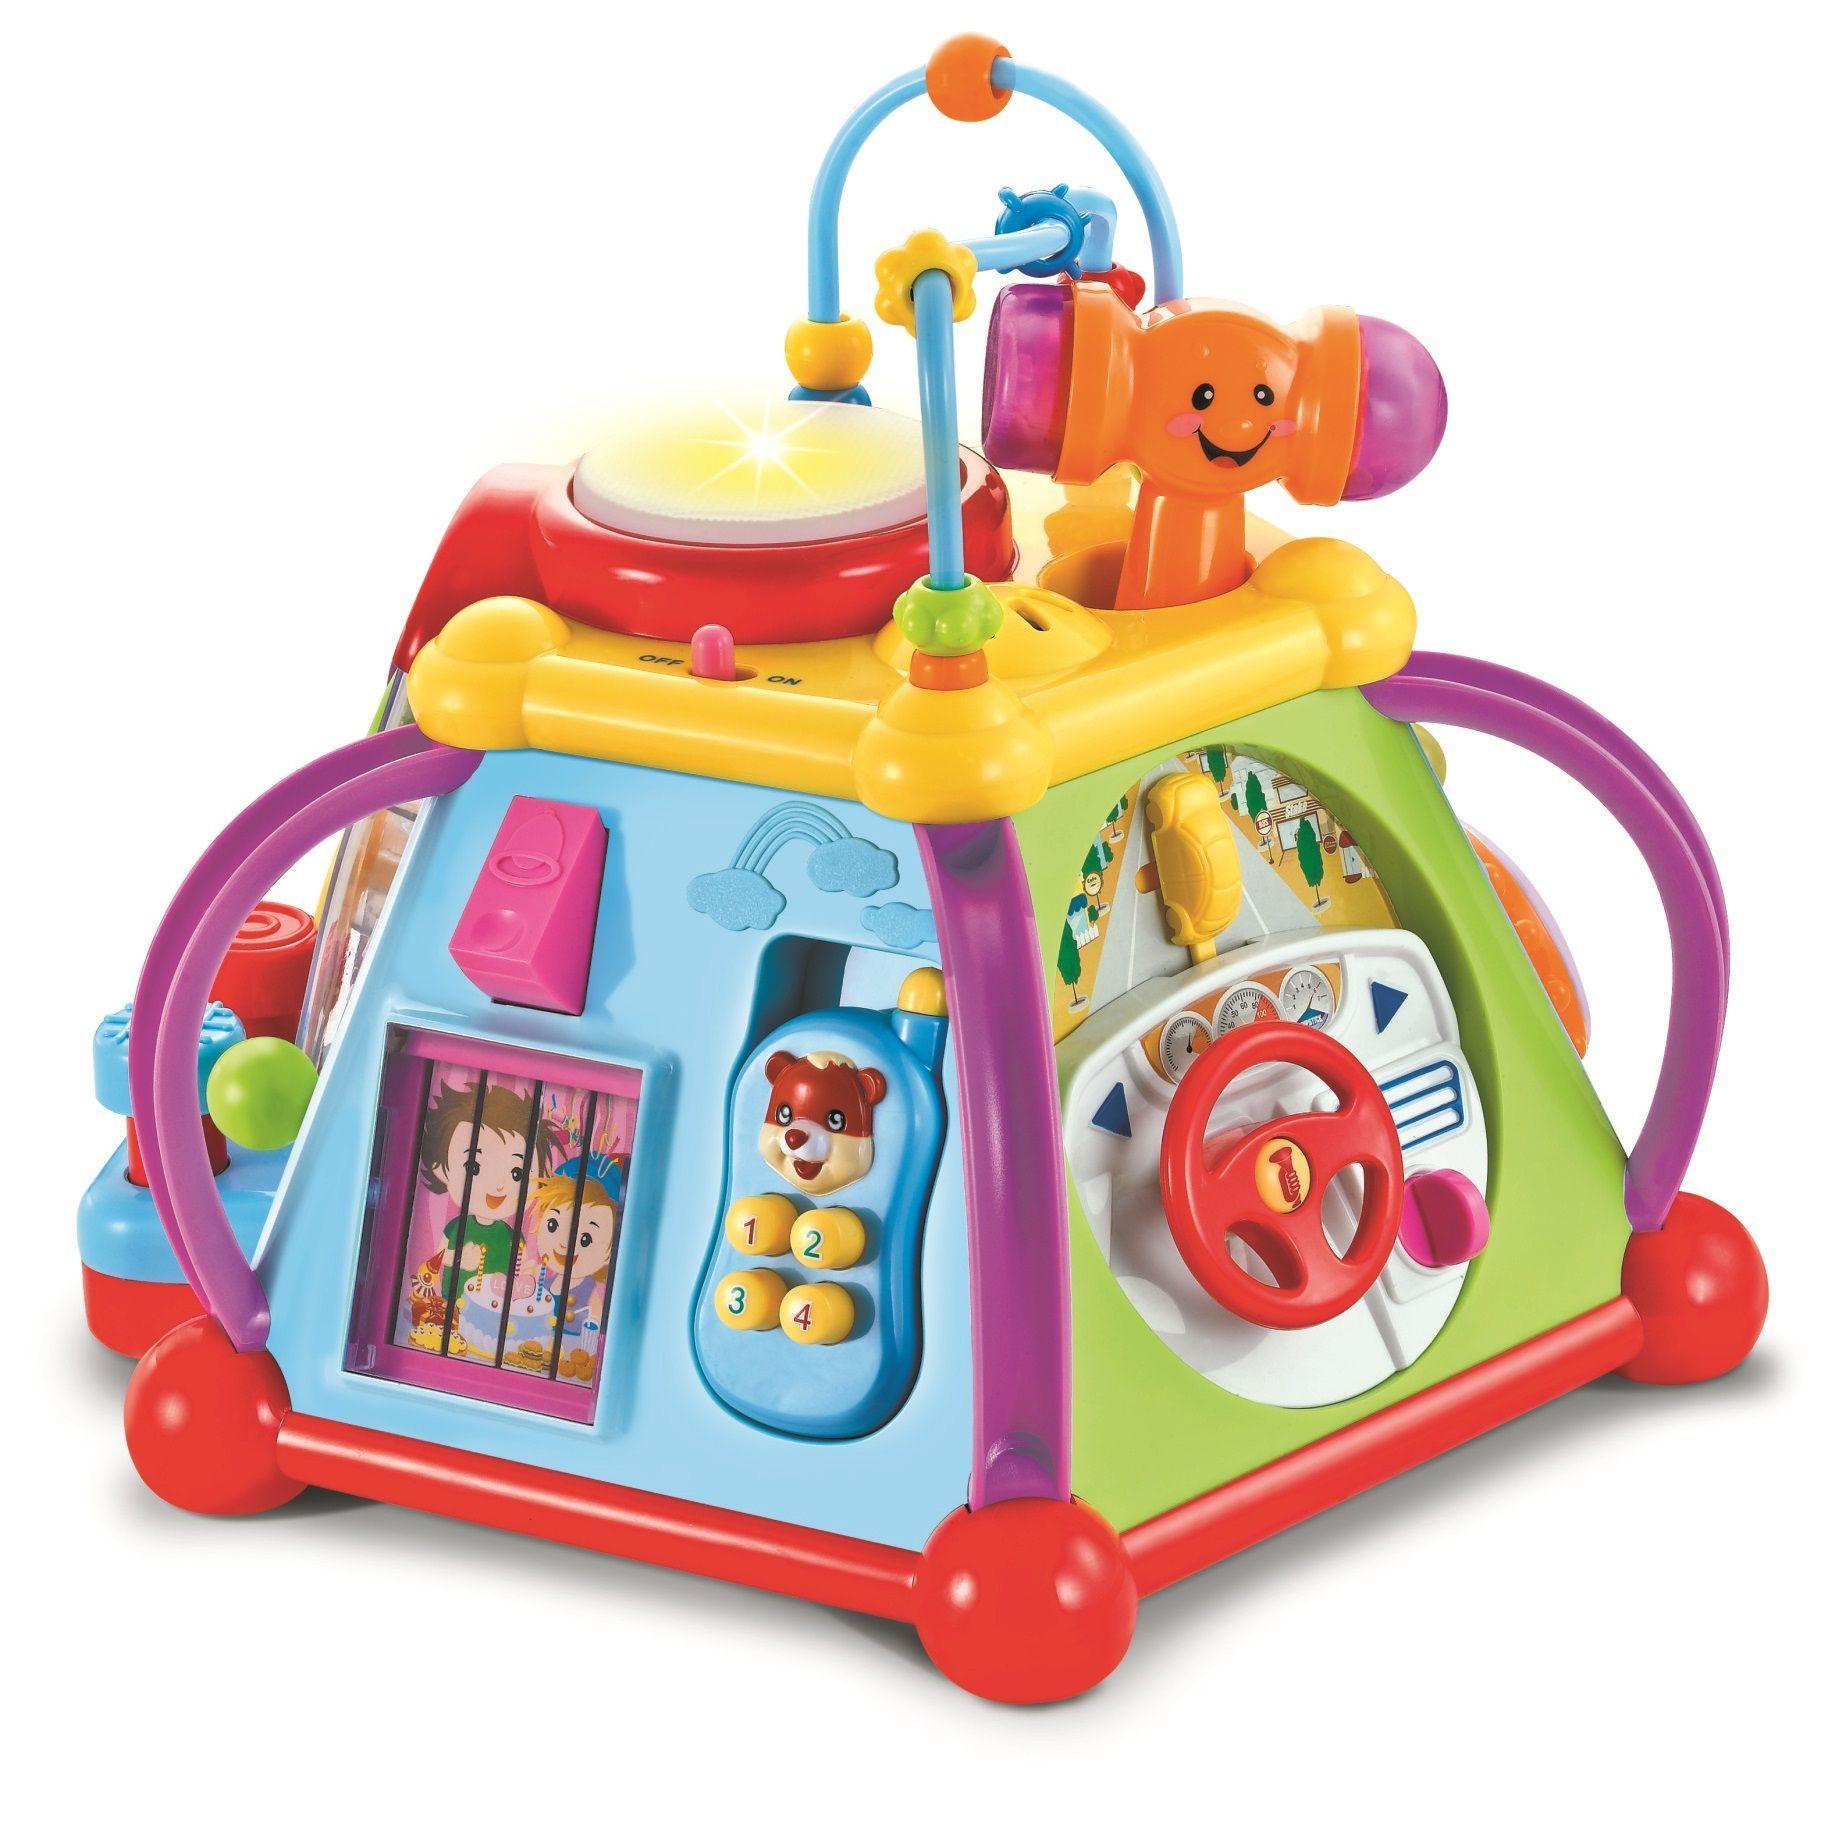 Интерактивна играчка за бебета Mappy Toys Всяка част от този